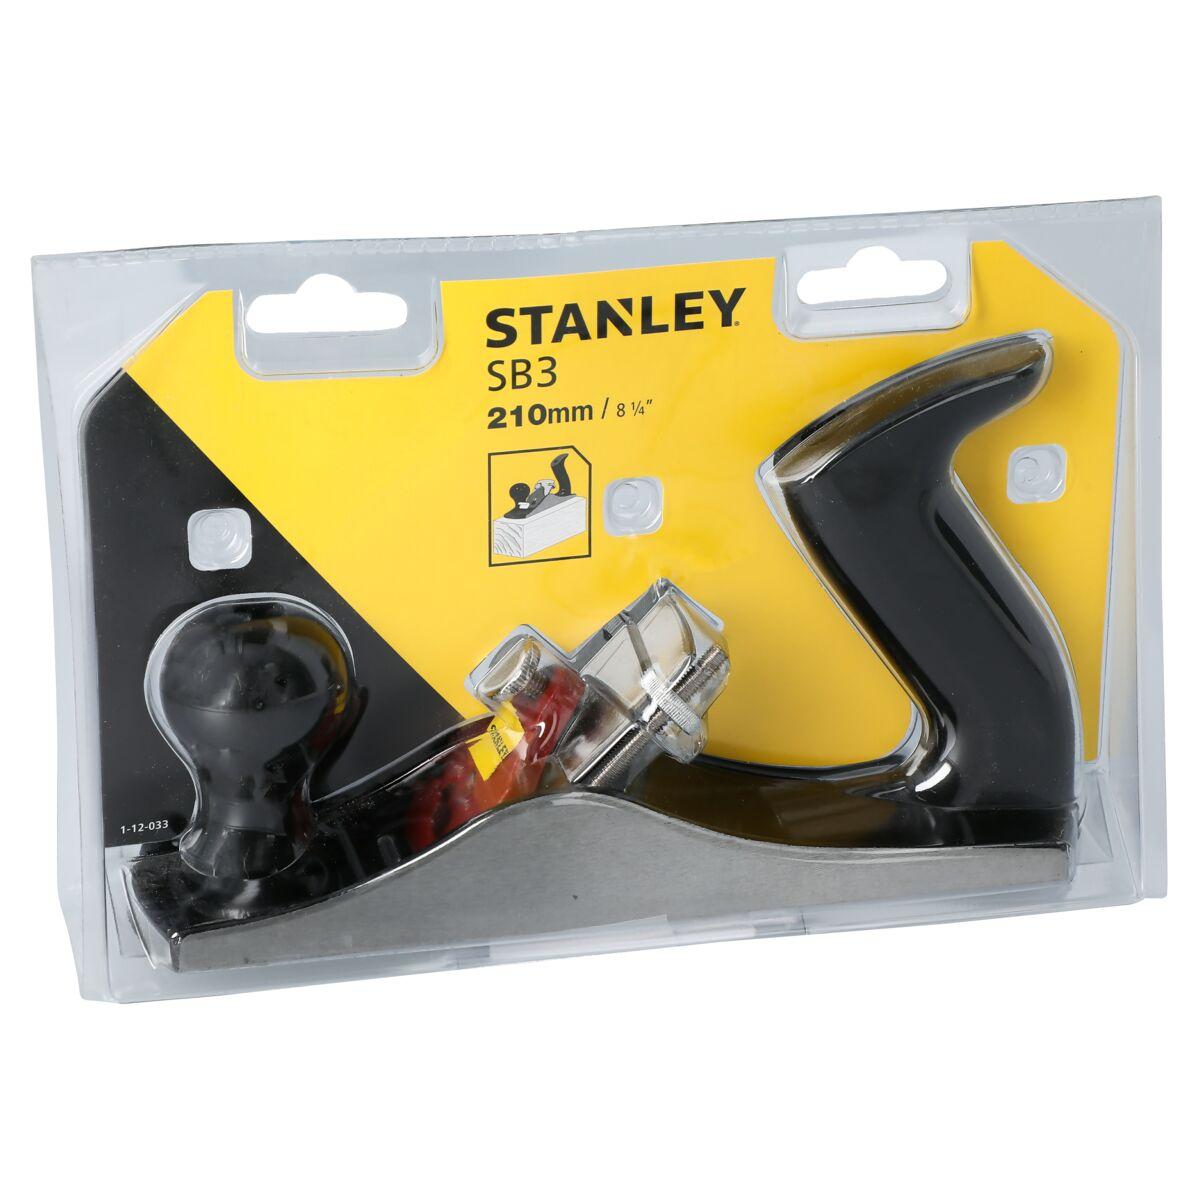 فاره مقشطة 12سم 8بوصة ستانلي Stanley العلامات التجارية Saco Store